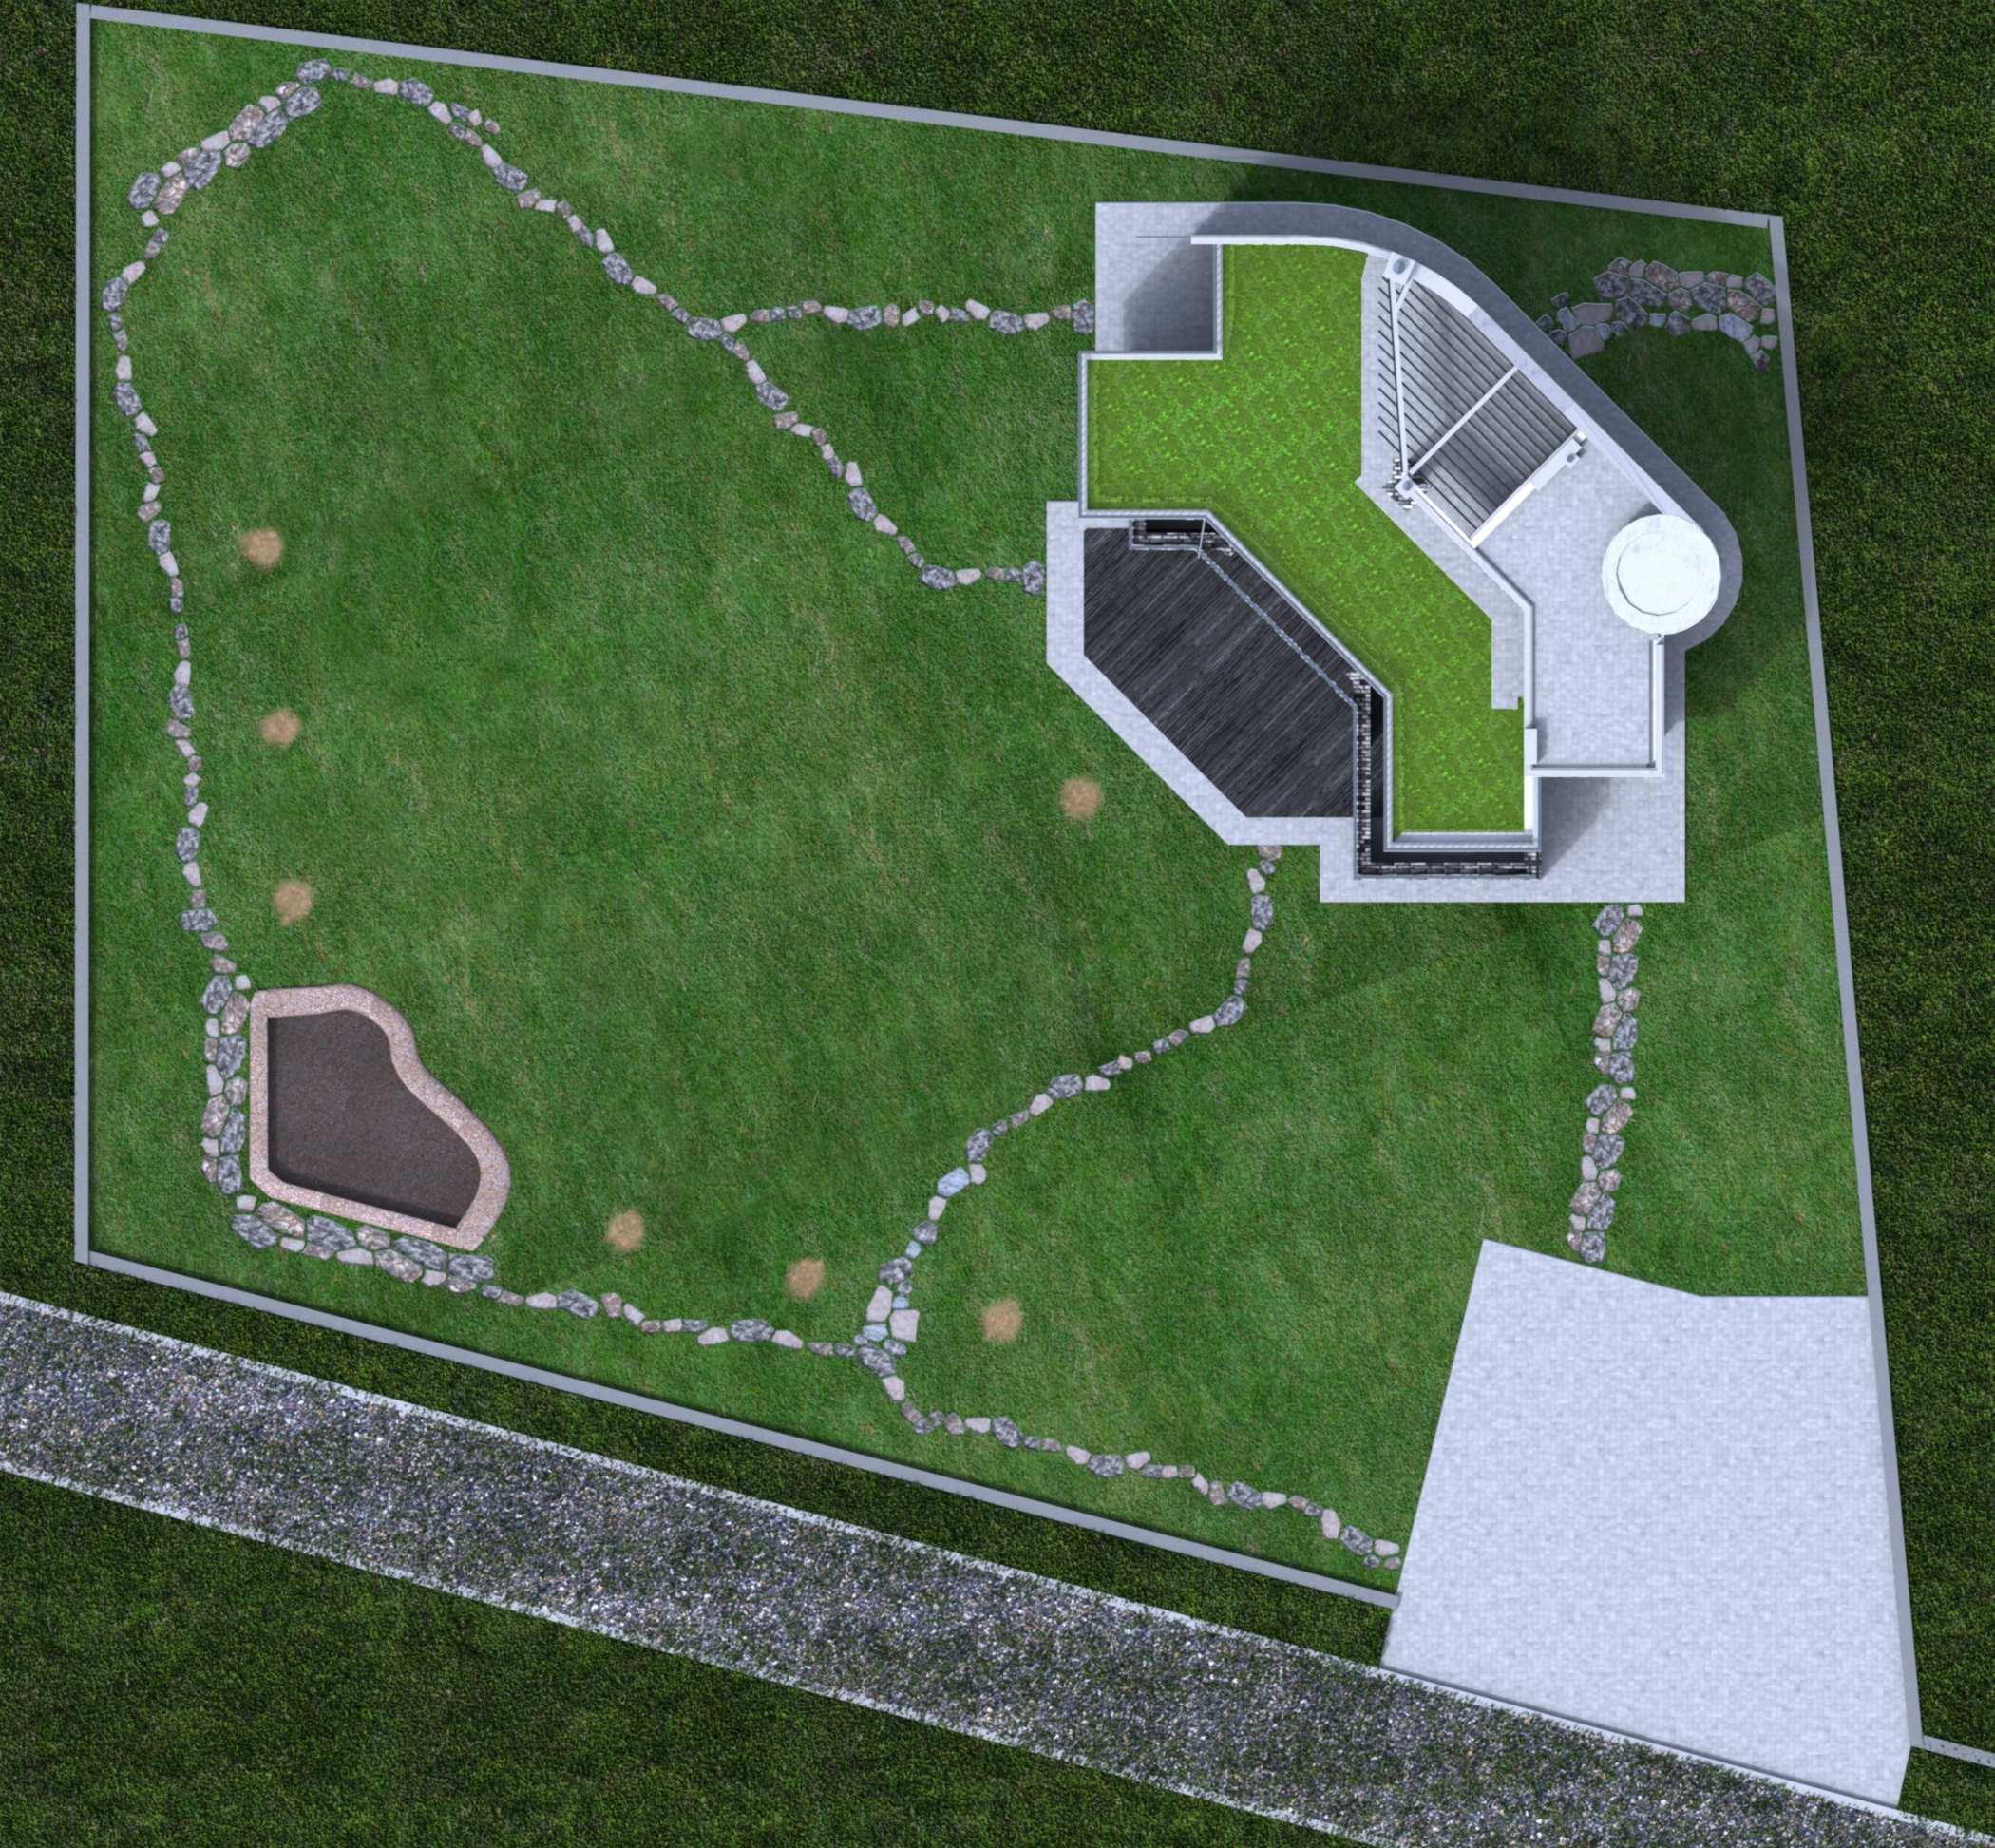 Projekt domu z płaskim dachem, panoramicznymi oknami i tarasami - projekt Ebro, zakwaterowanie na działce